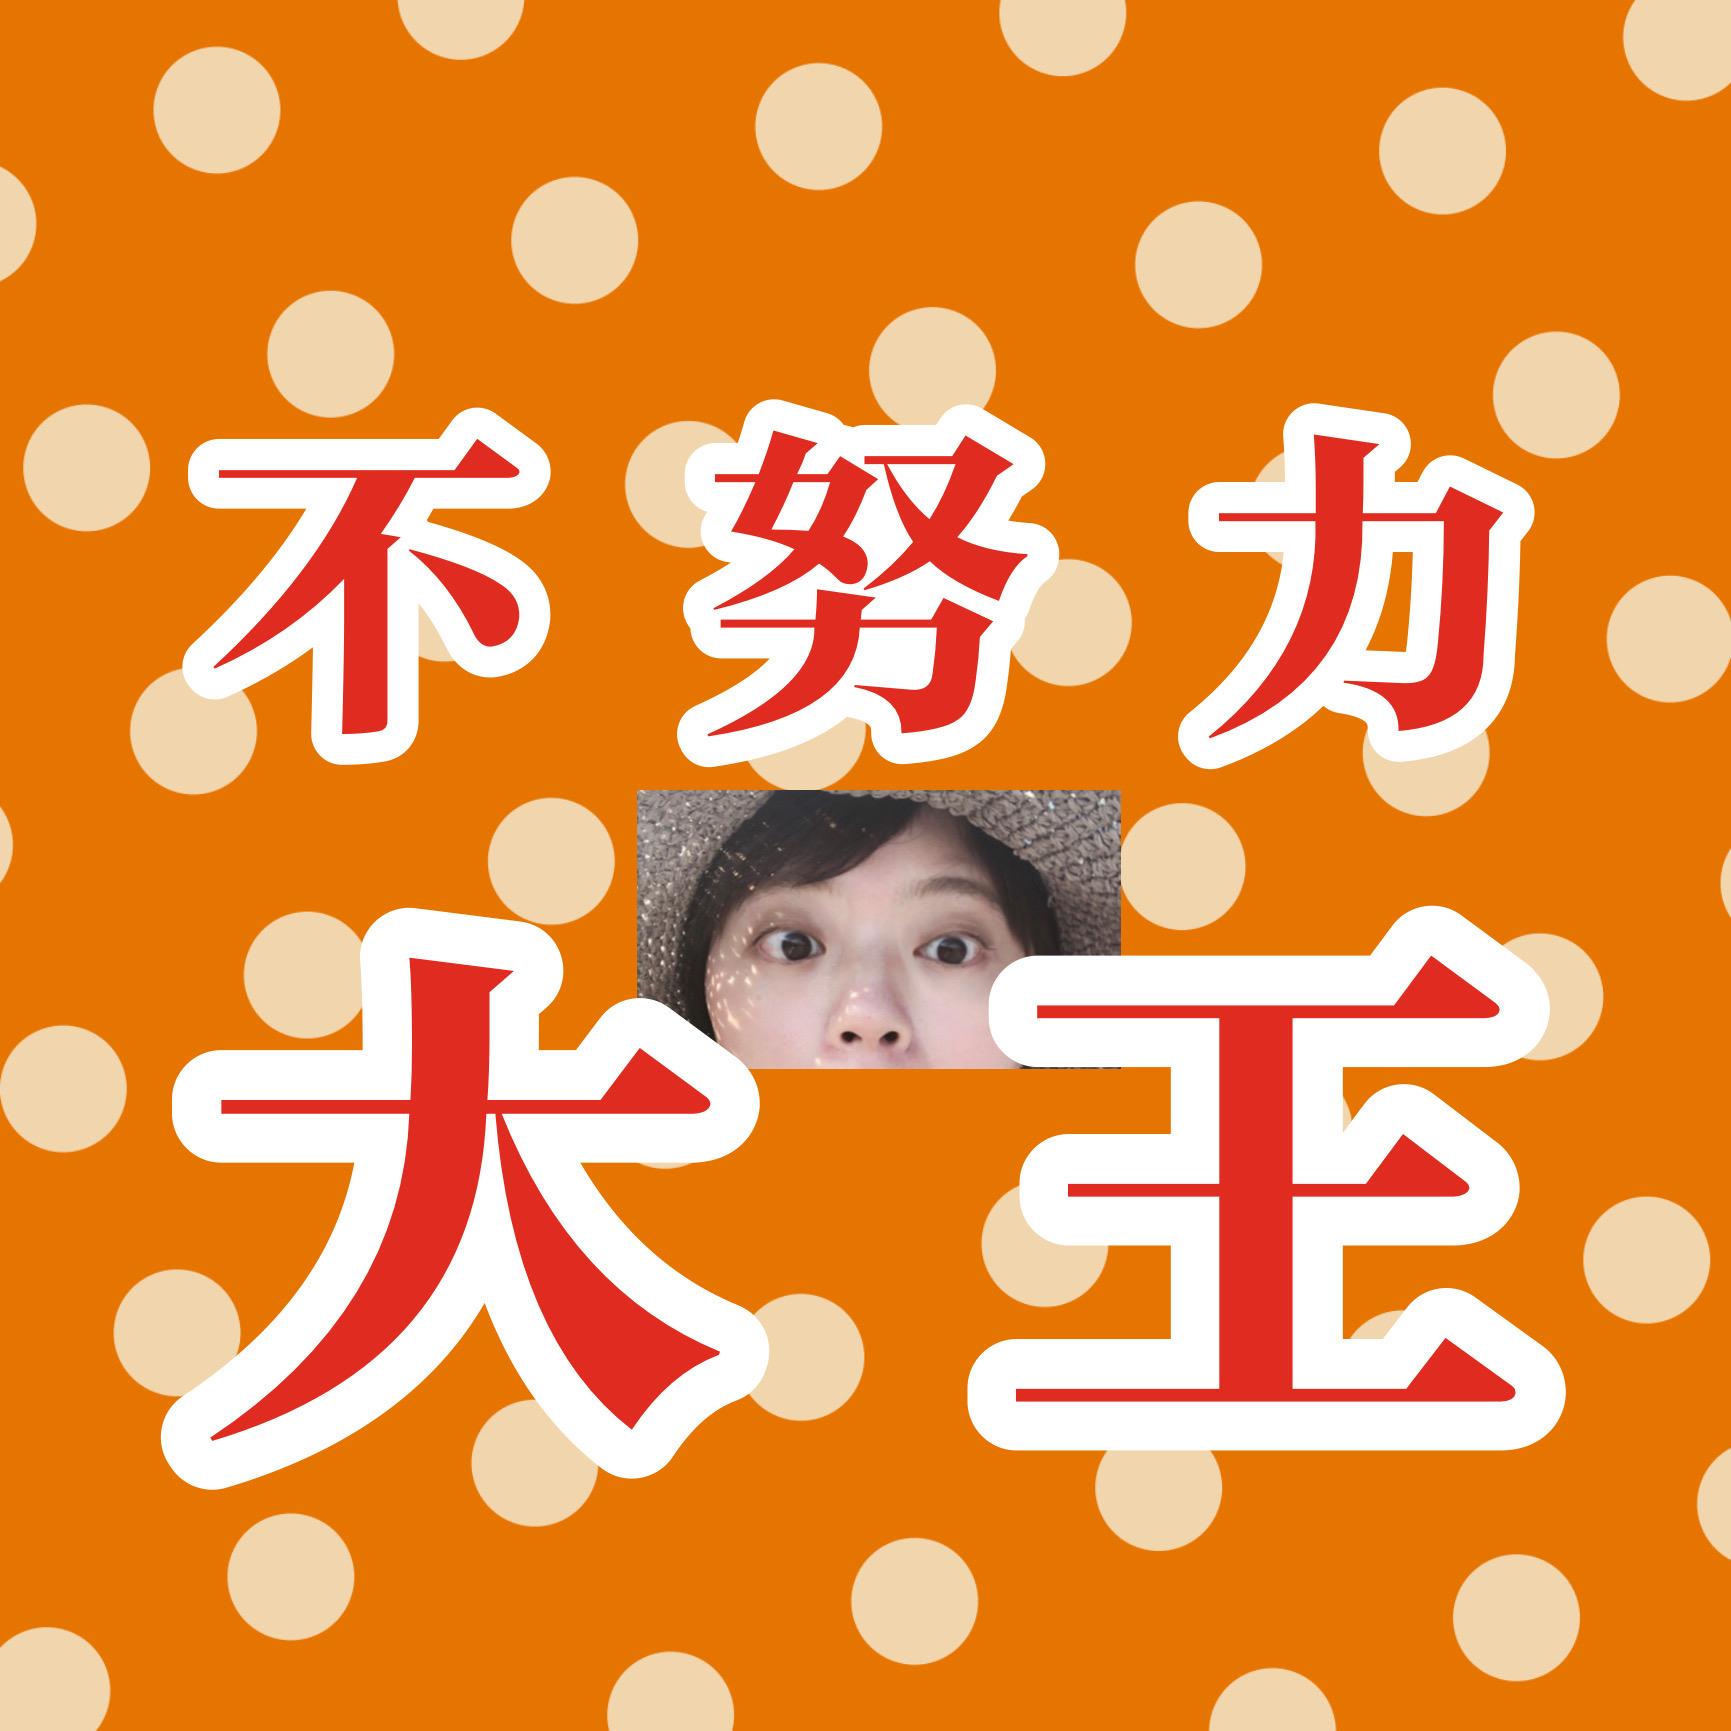 02.【好書推薦】吃飽睡好,憂鬱也好!不努力的HAPPY DAY!